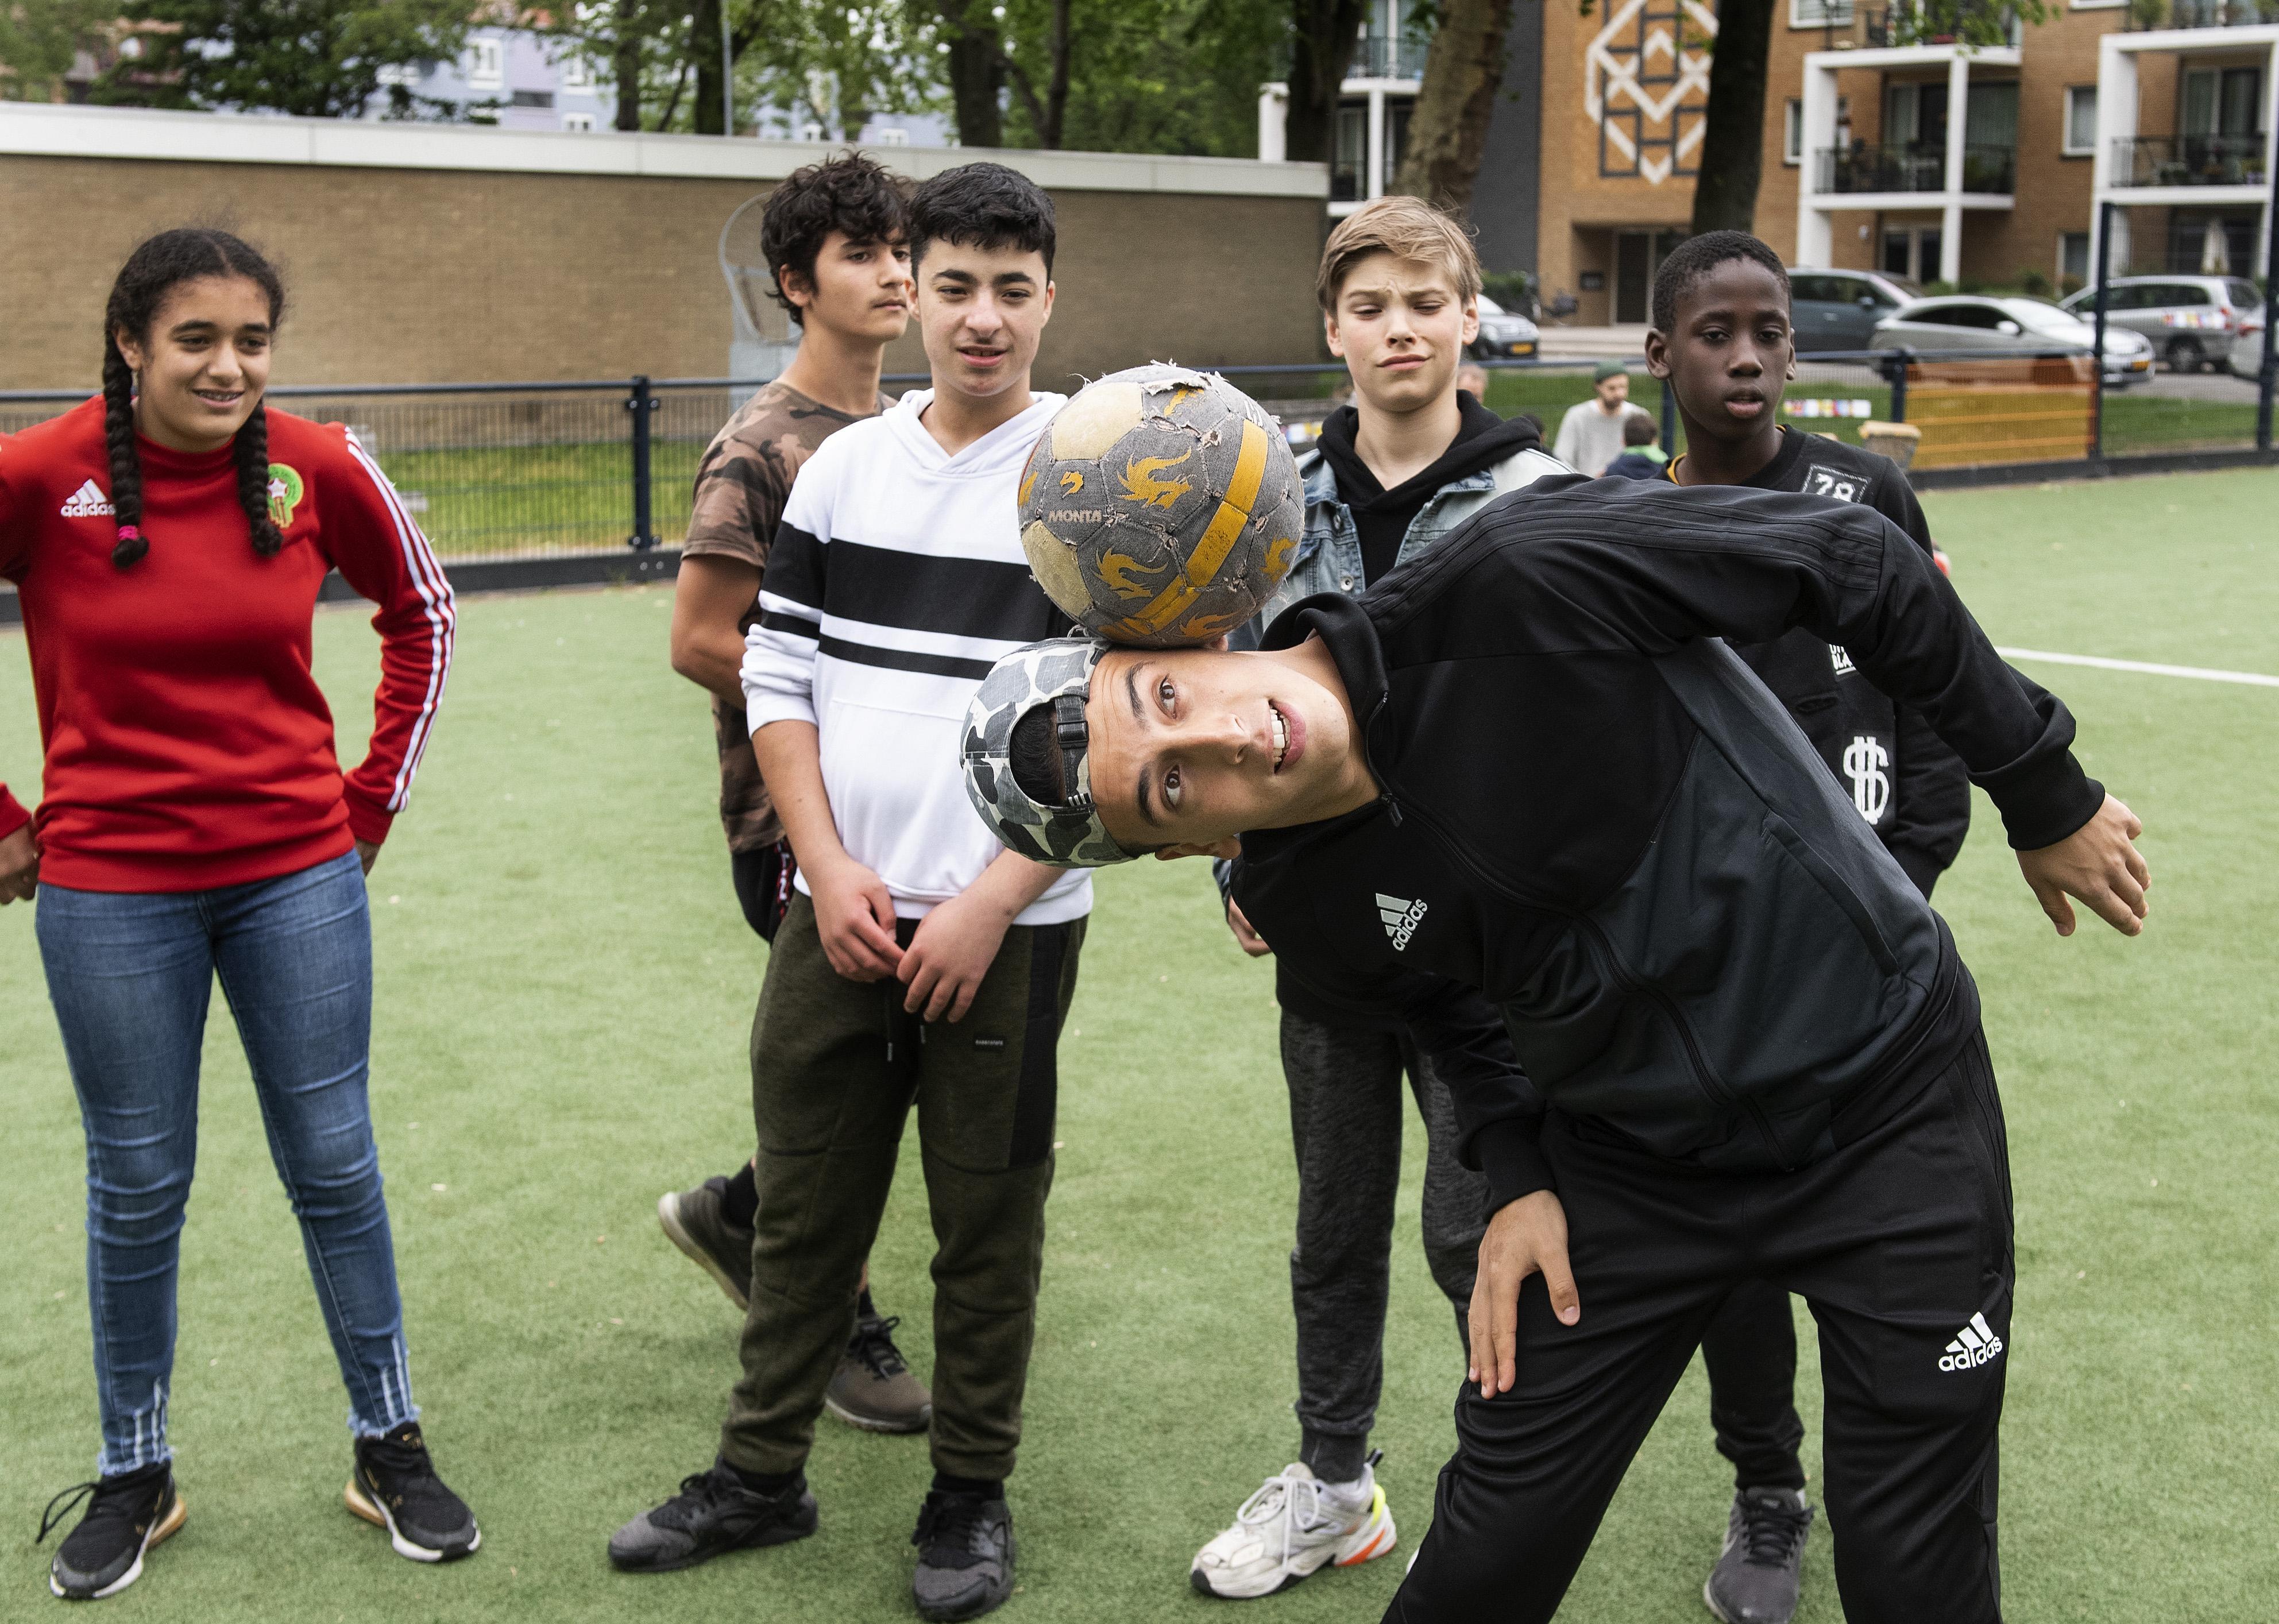 En hup, door de benen: straatvoetballer Nasser el Jackson komt jeugd uit de Noordkop leren hoe je iemand het snelst een panna geeft